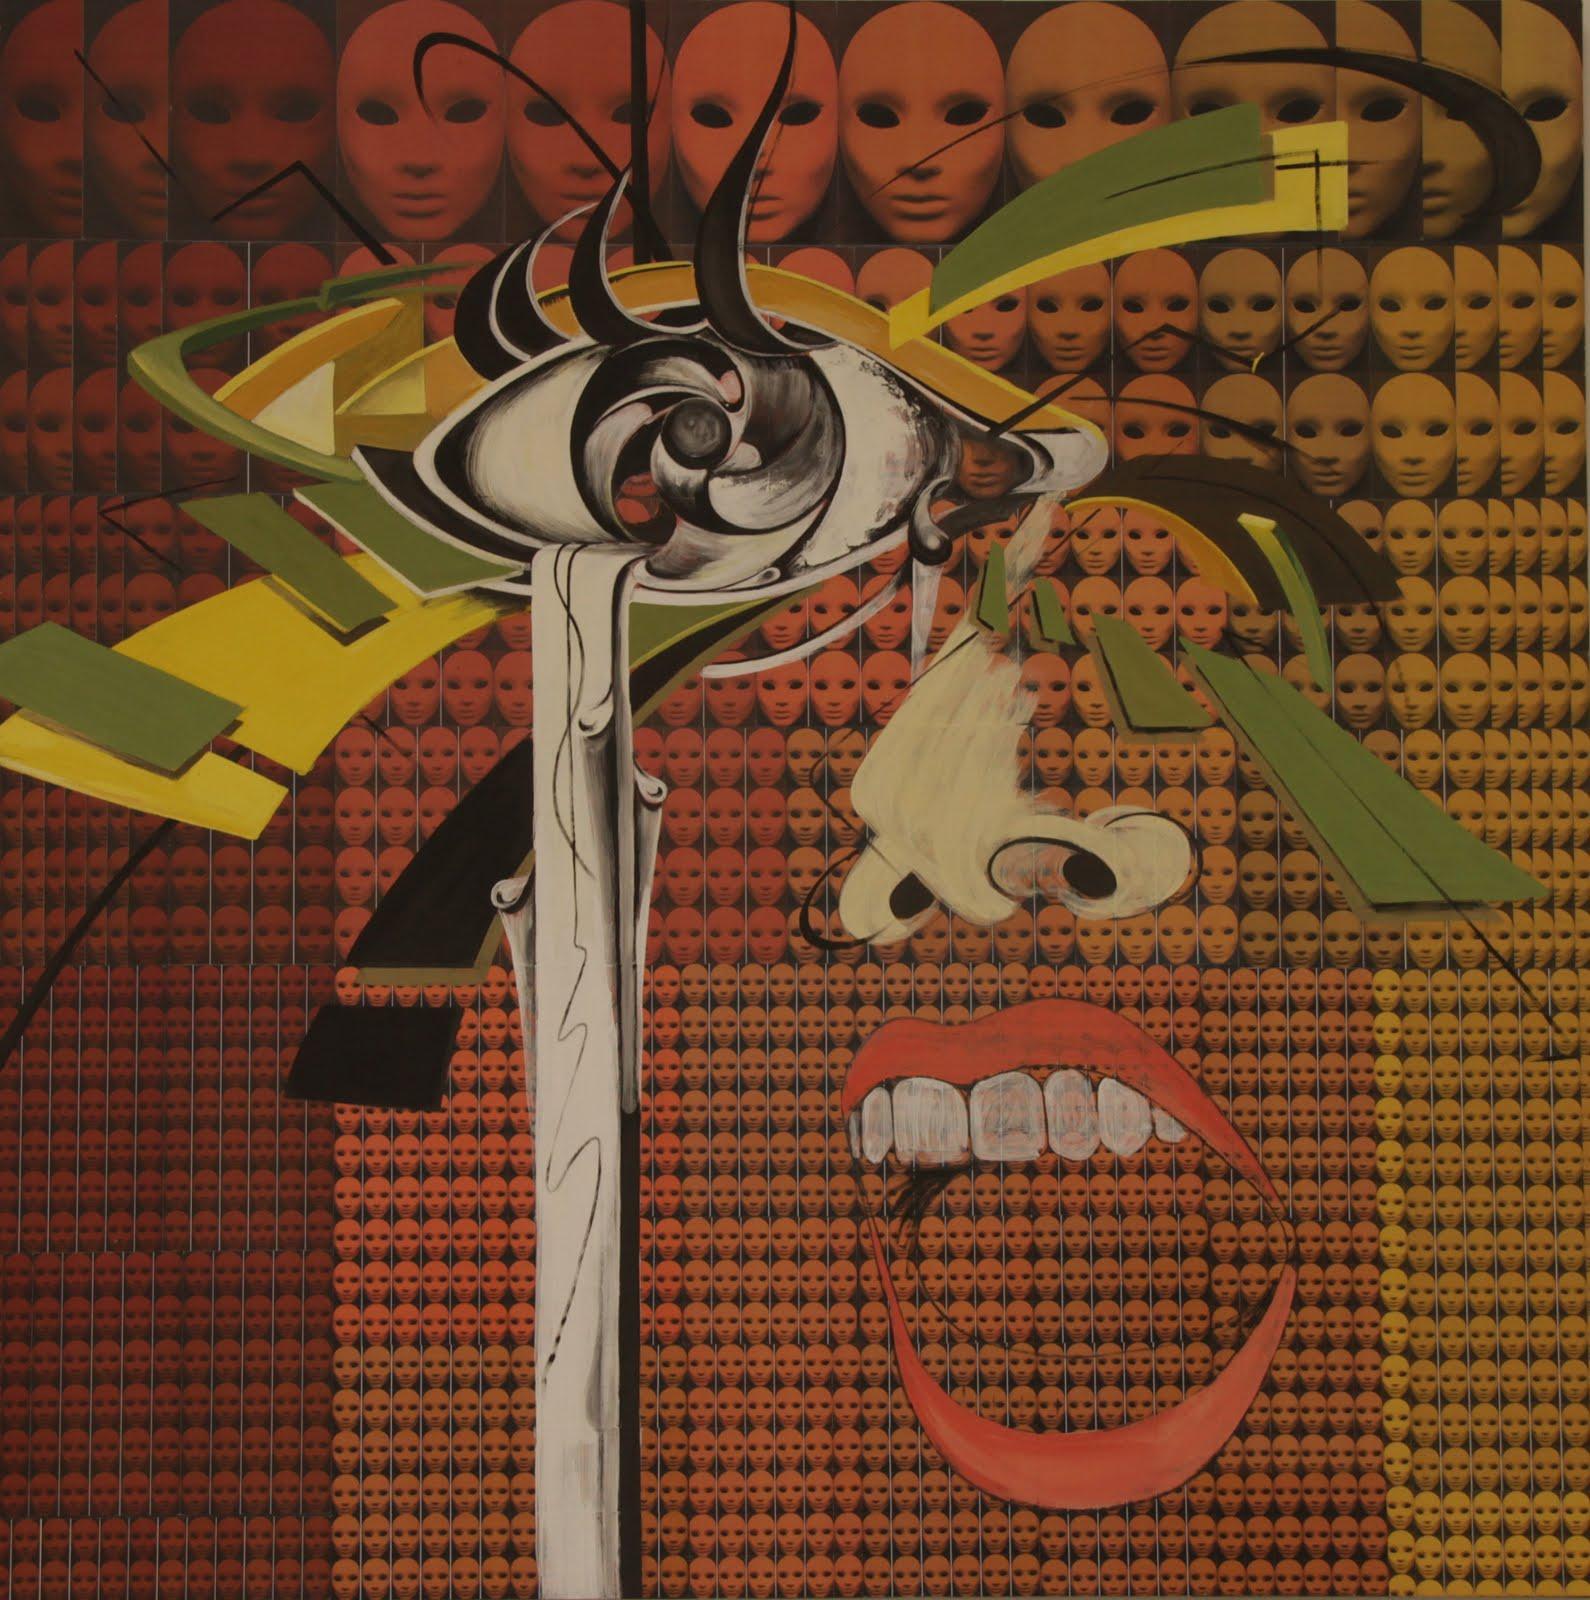 Solange Alves,  Fractal 5 - O Grito do  Silêncio, Colagem/ Acrílica sobre madeira, 140x140 cm.